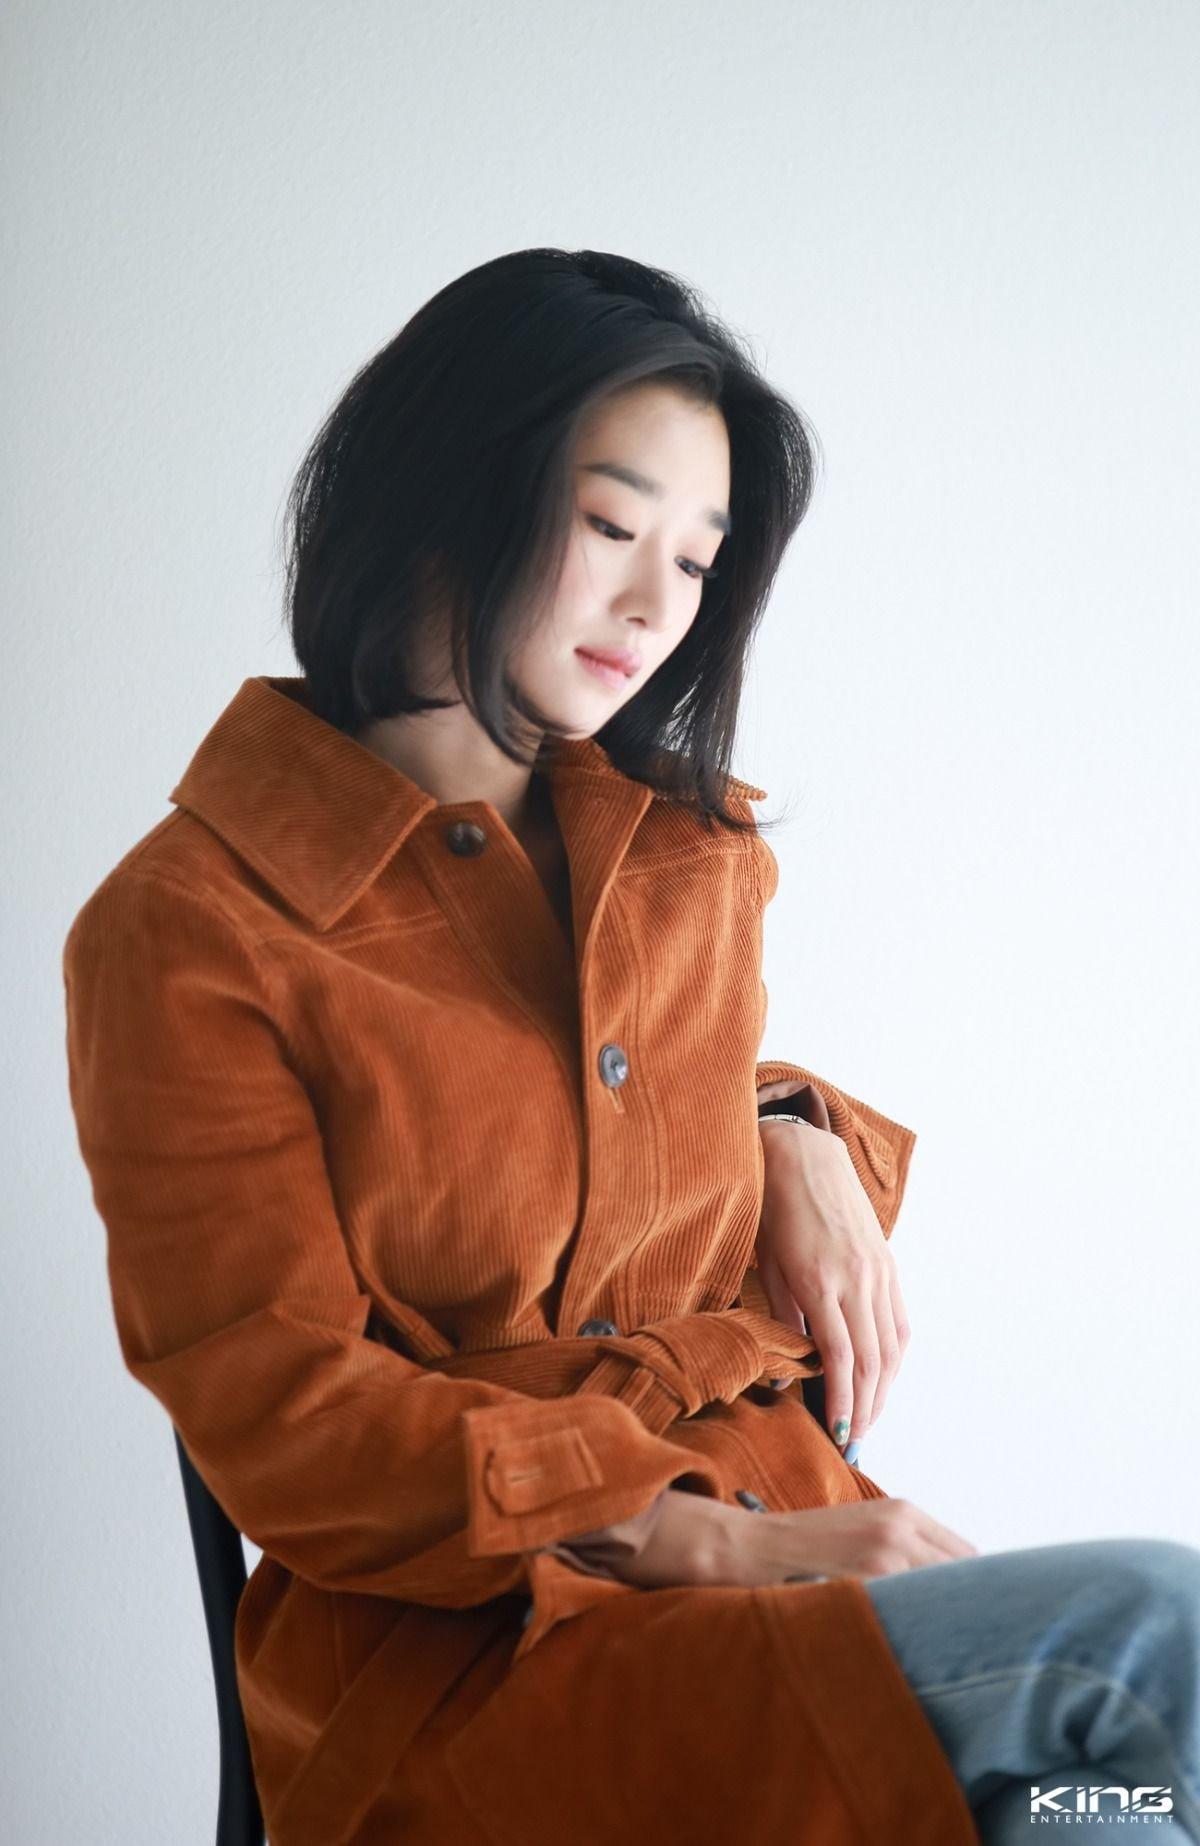 Neitzen tranh cãi nảy lửa khi so kè mái tóc của Seo Ye Ji: Người khen tóc dài sang, người lại bảo tóc ngắn trẻ hơn - Ảnh 9.